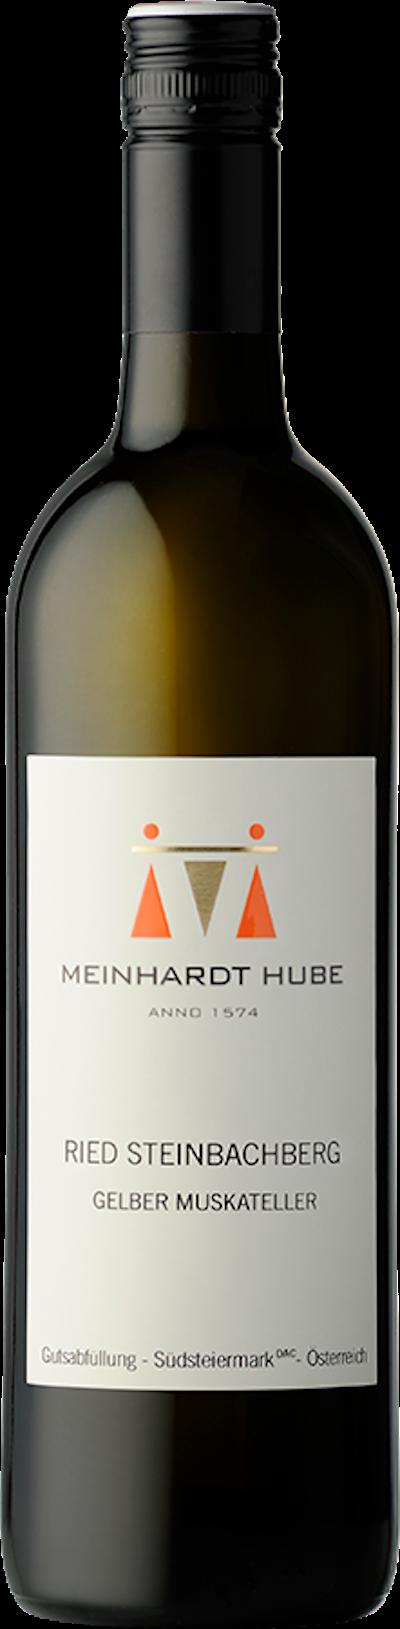 Meinhardt Hube - Gelber Muskateller Steinbachberg